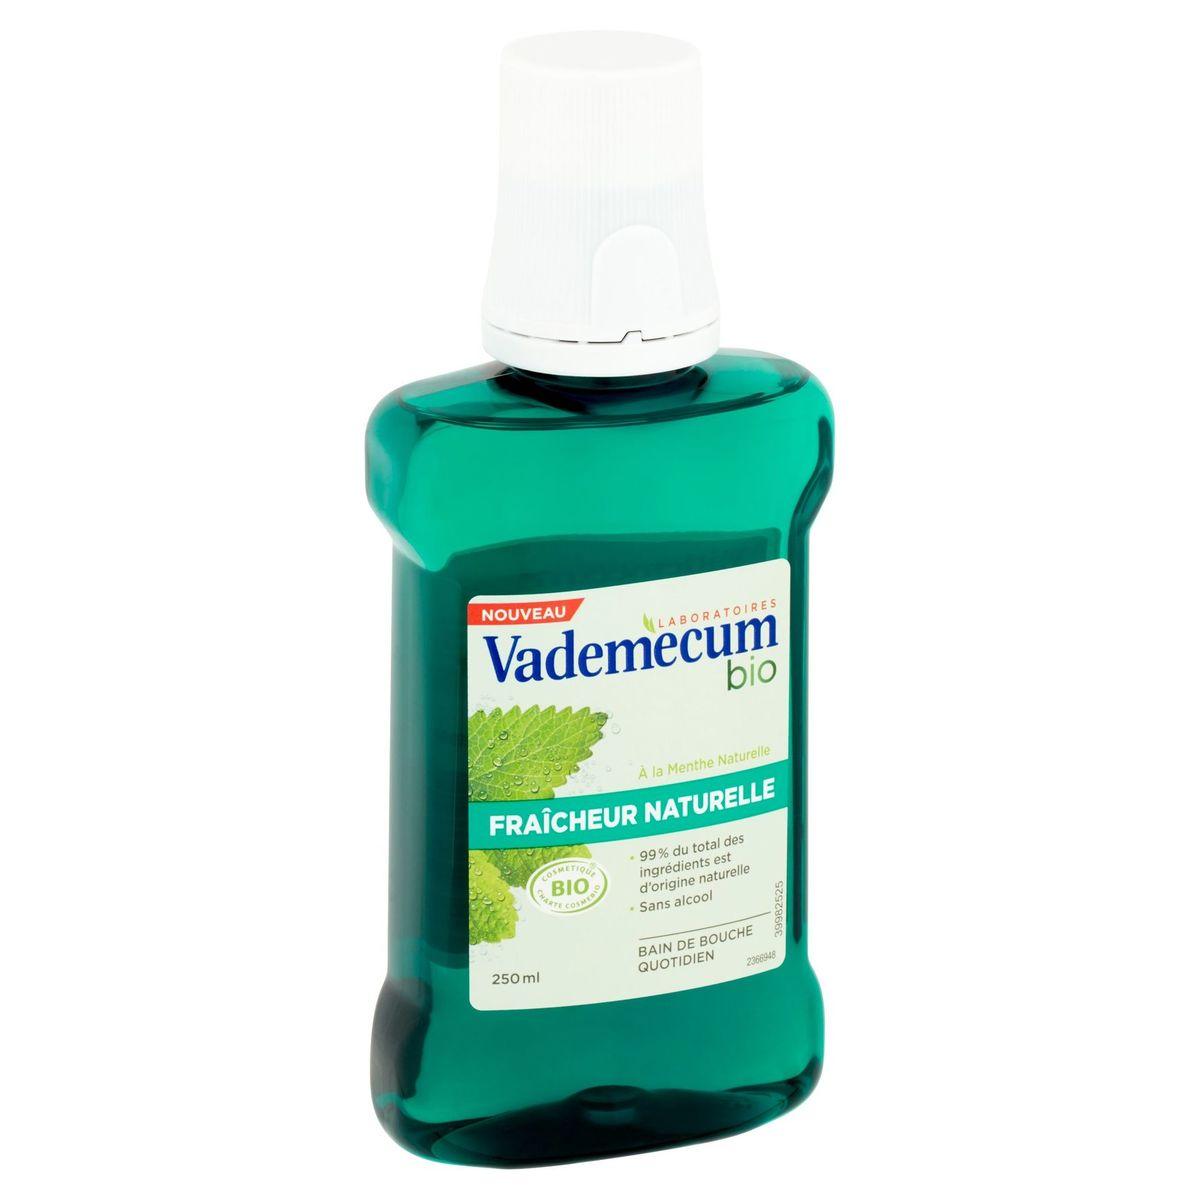 Vademecum Bio Fraîcheur Naturelle Bain de Bouche 250 ml